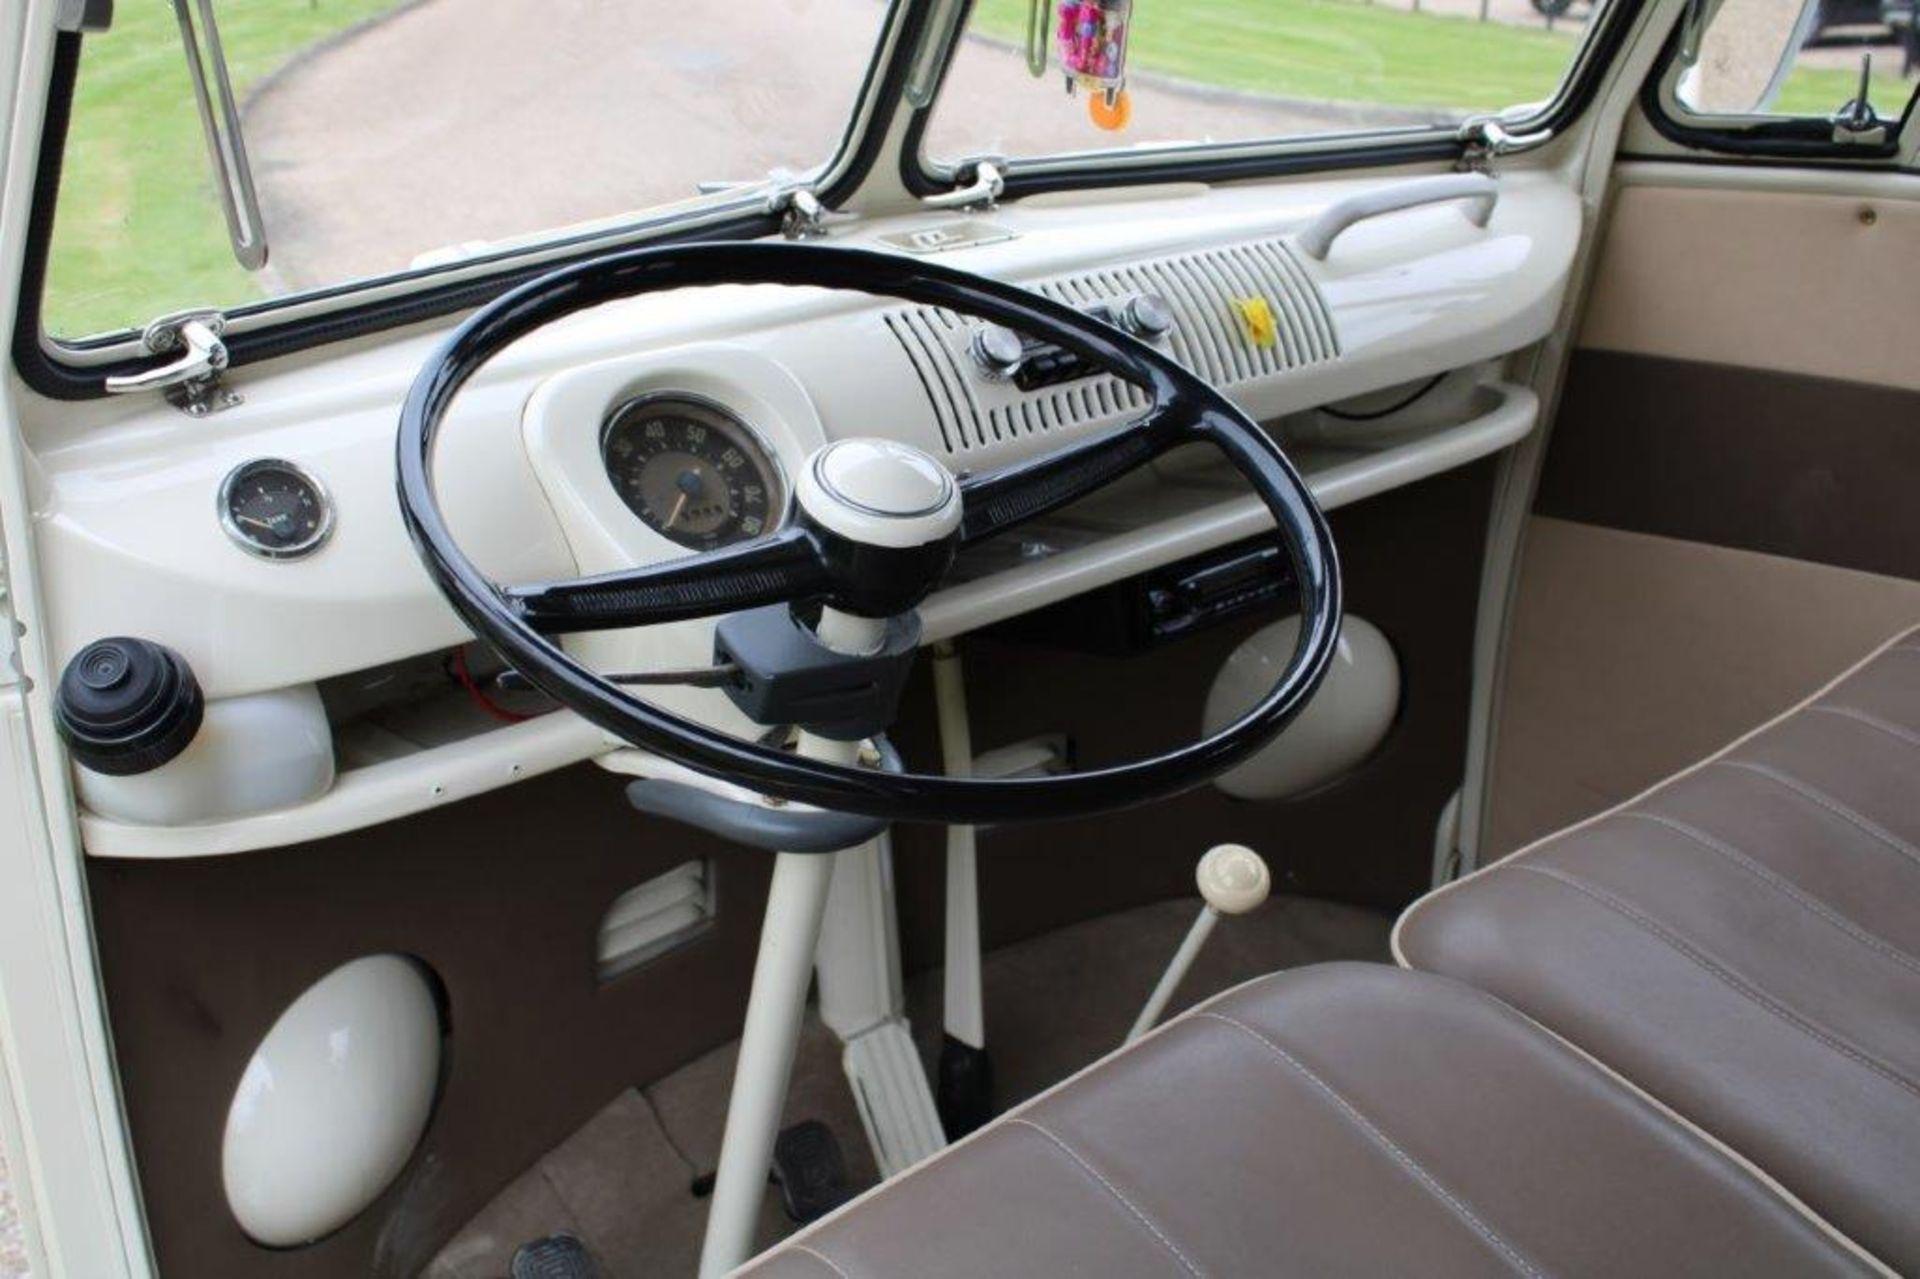 1966 Volkswagen Split Screen Camper LHD - Image 16 of 28